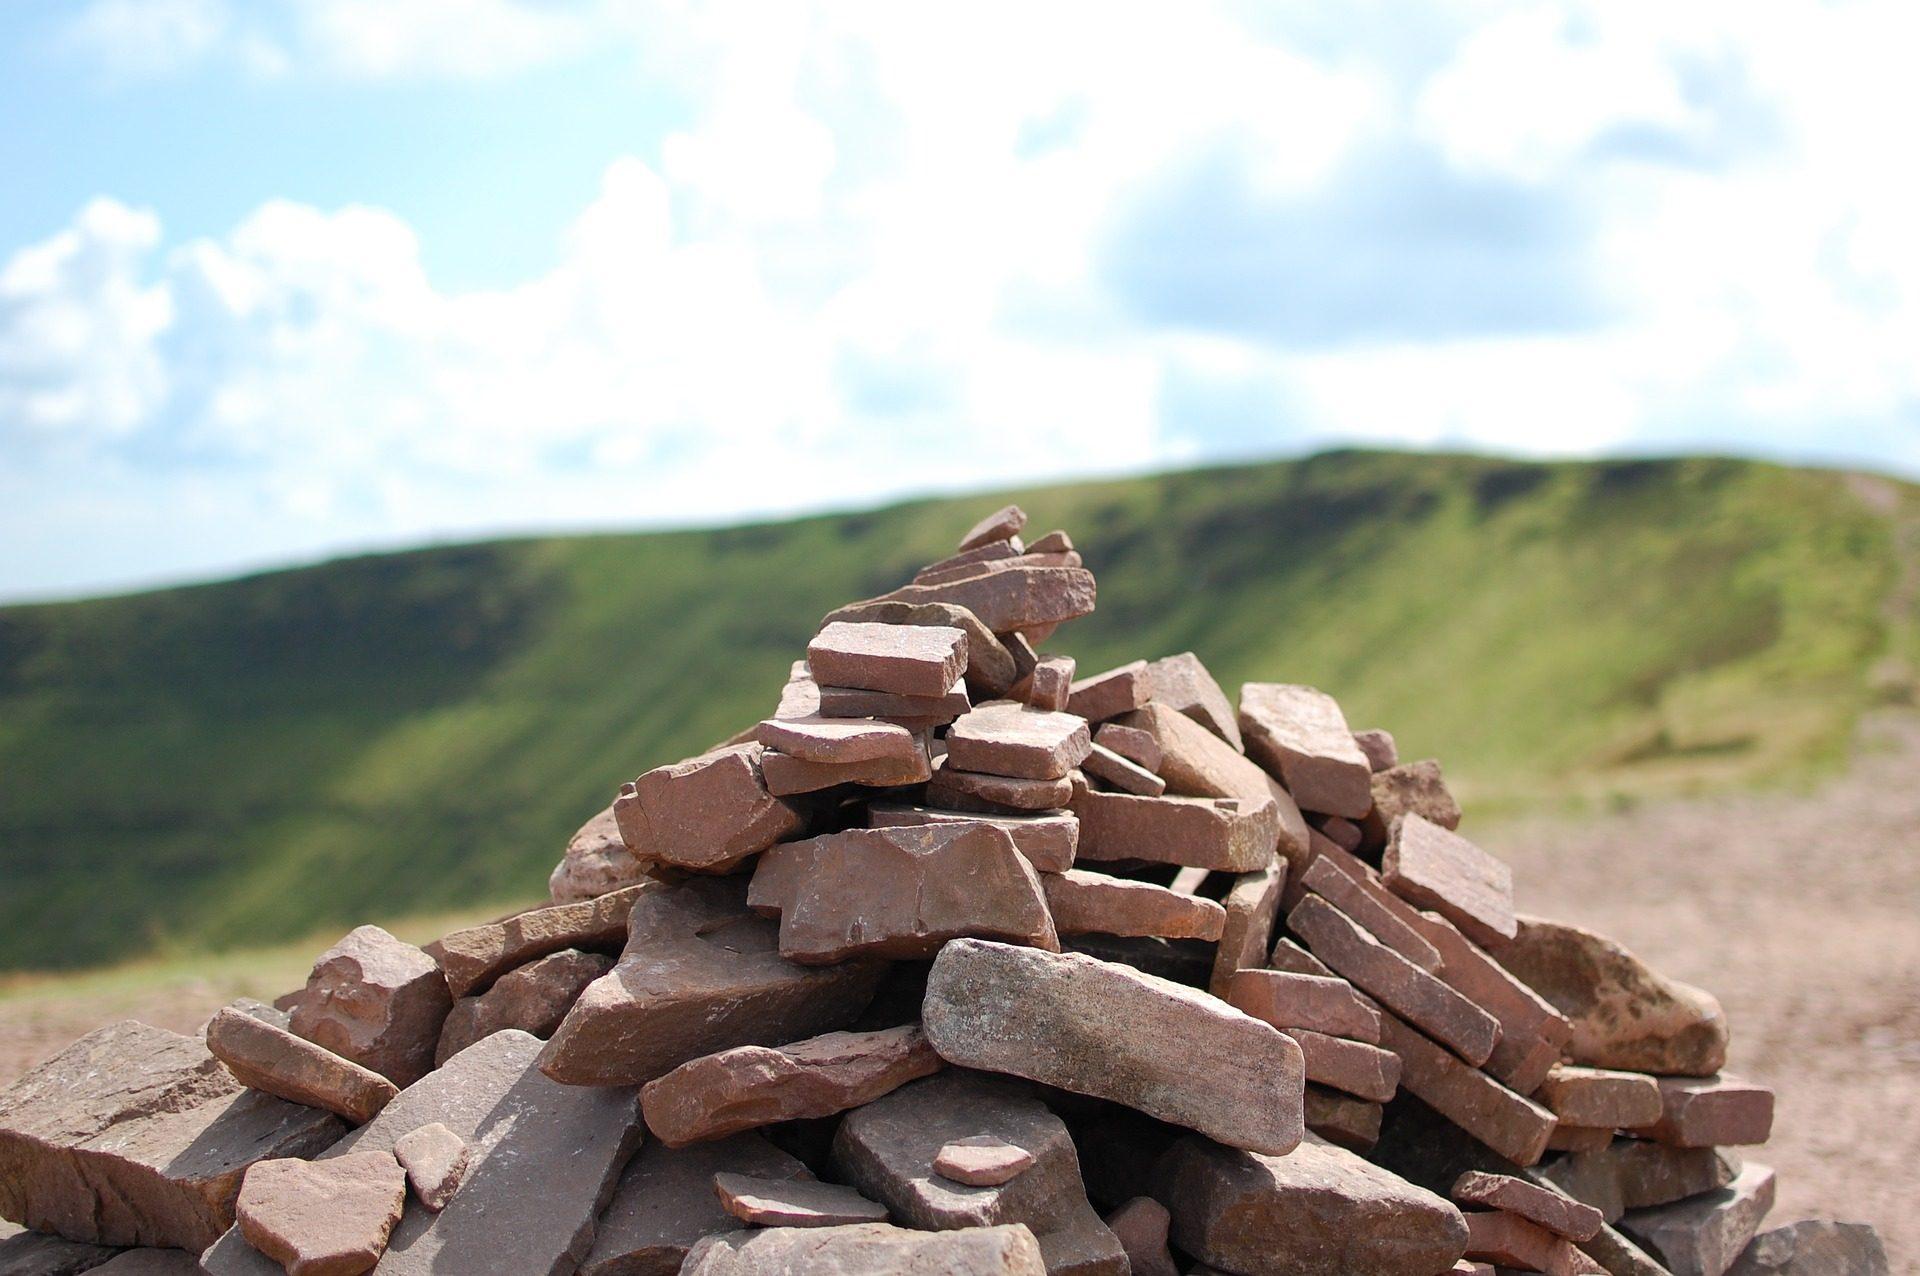 石头, 奥, 很多, acumulación, 字段 - 高清壁纸 - 教授-falken.com